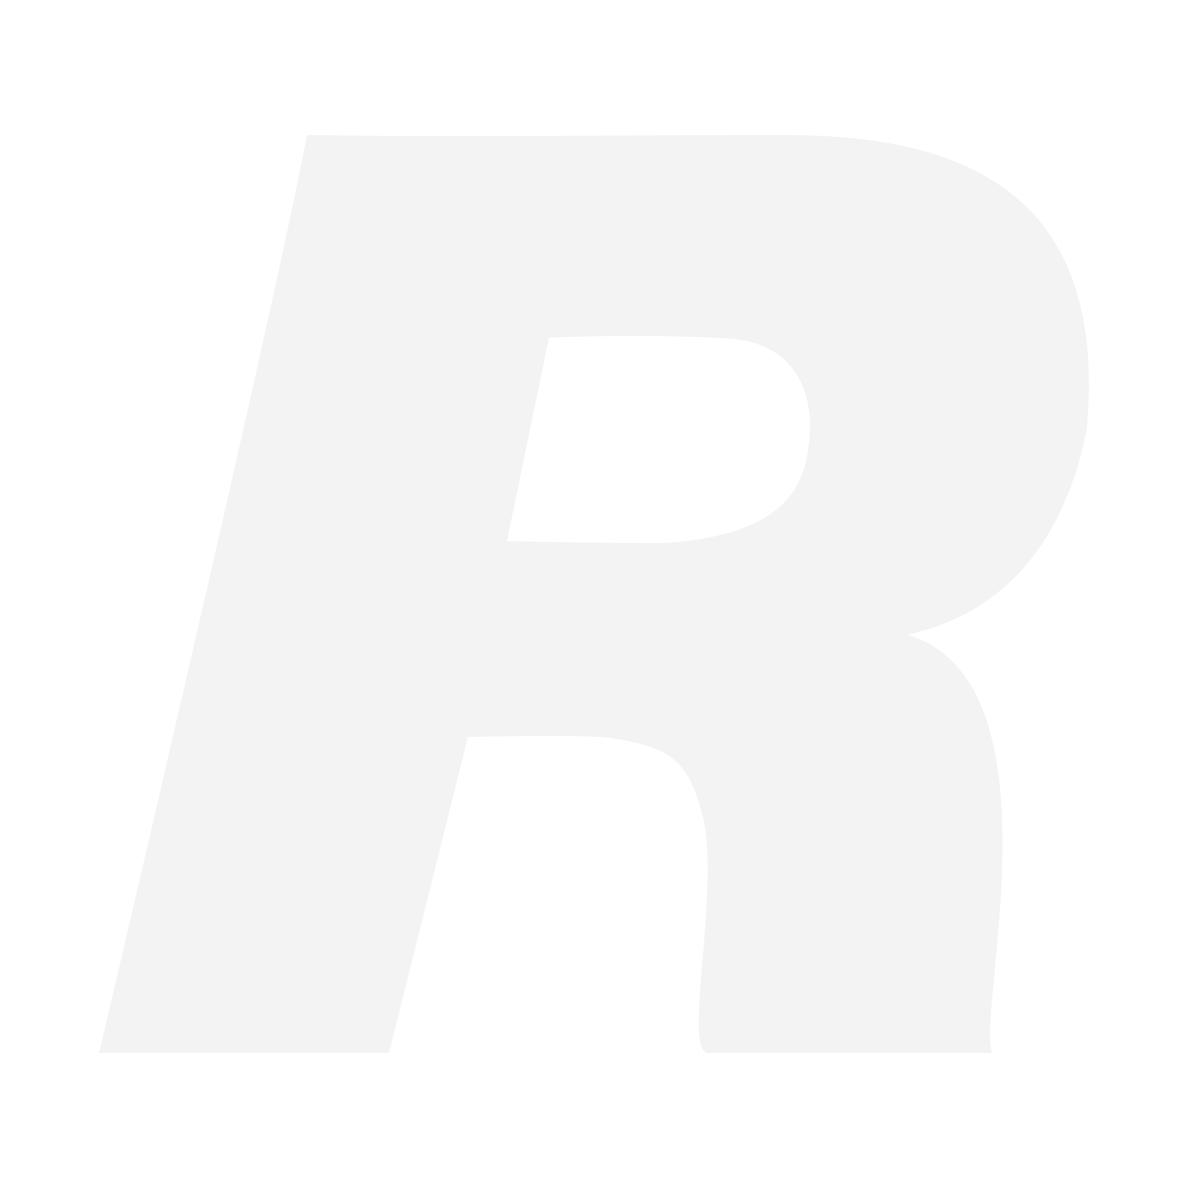 Osta Sony A7 Mark III -järjestelmäkamera, anna vaihdossa Sony A7